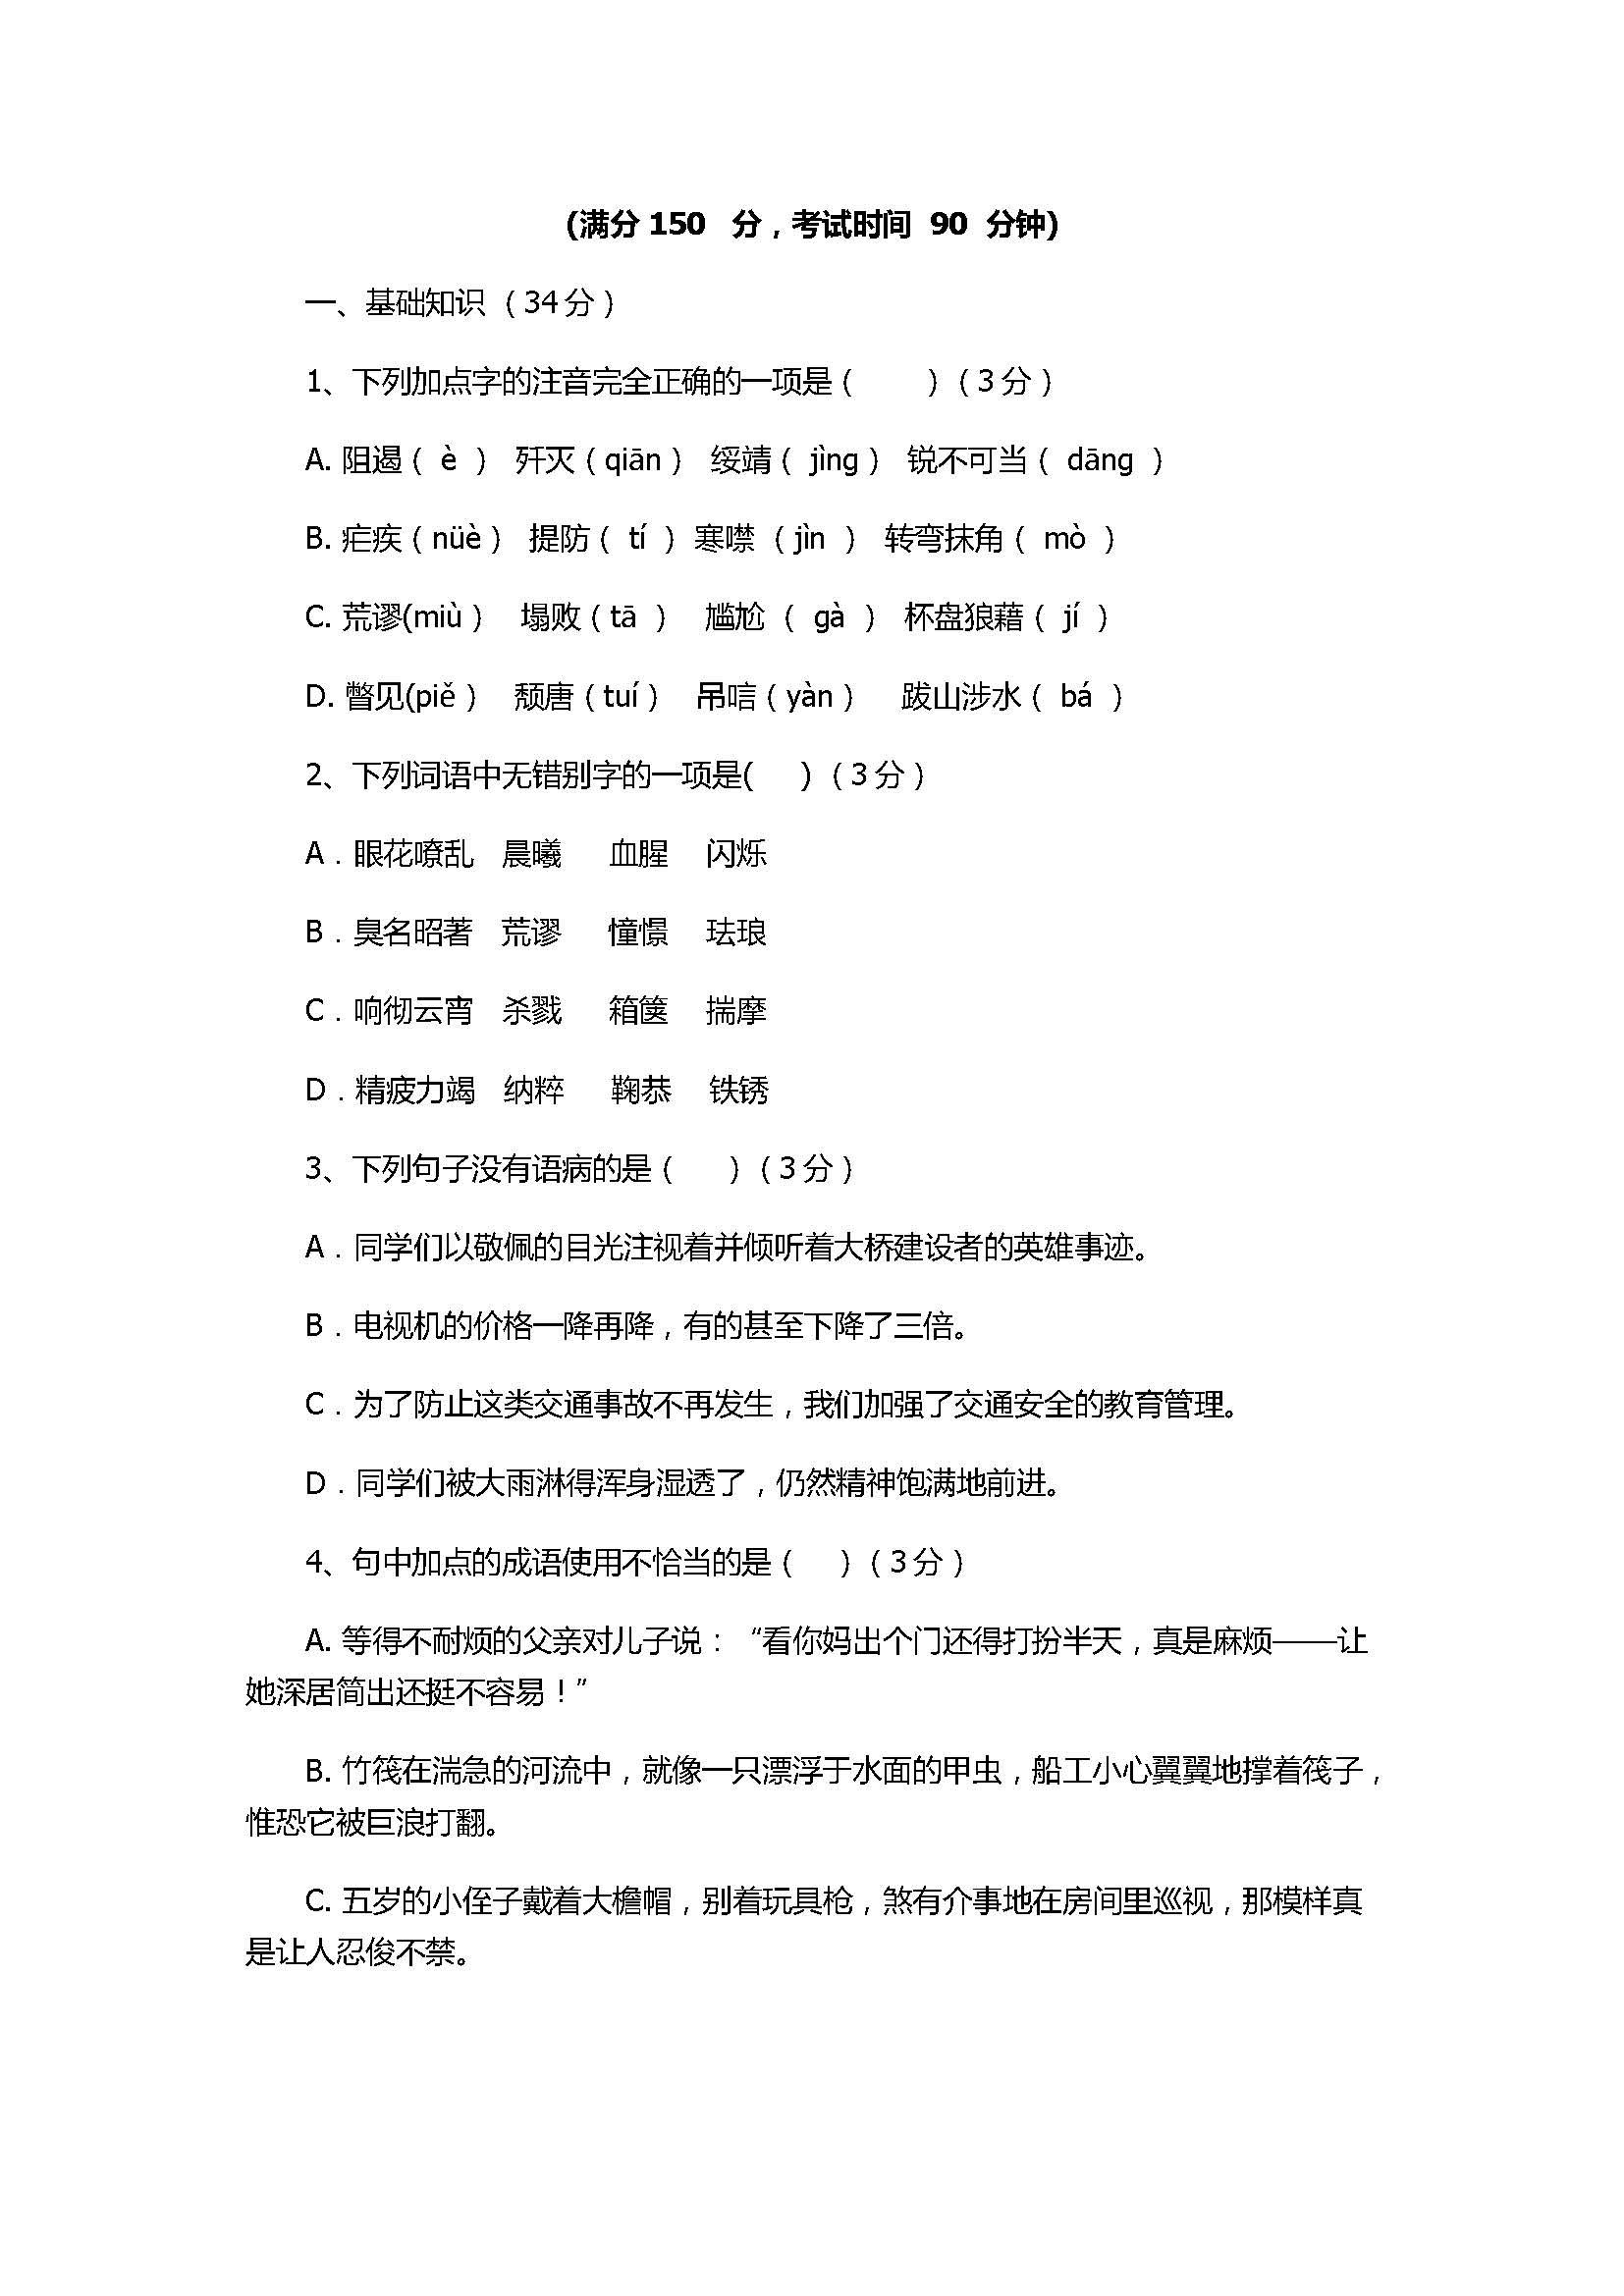 人教版2017八年级语文阶段测试卷附参考答案(重庆市重点中学)